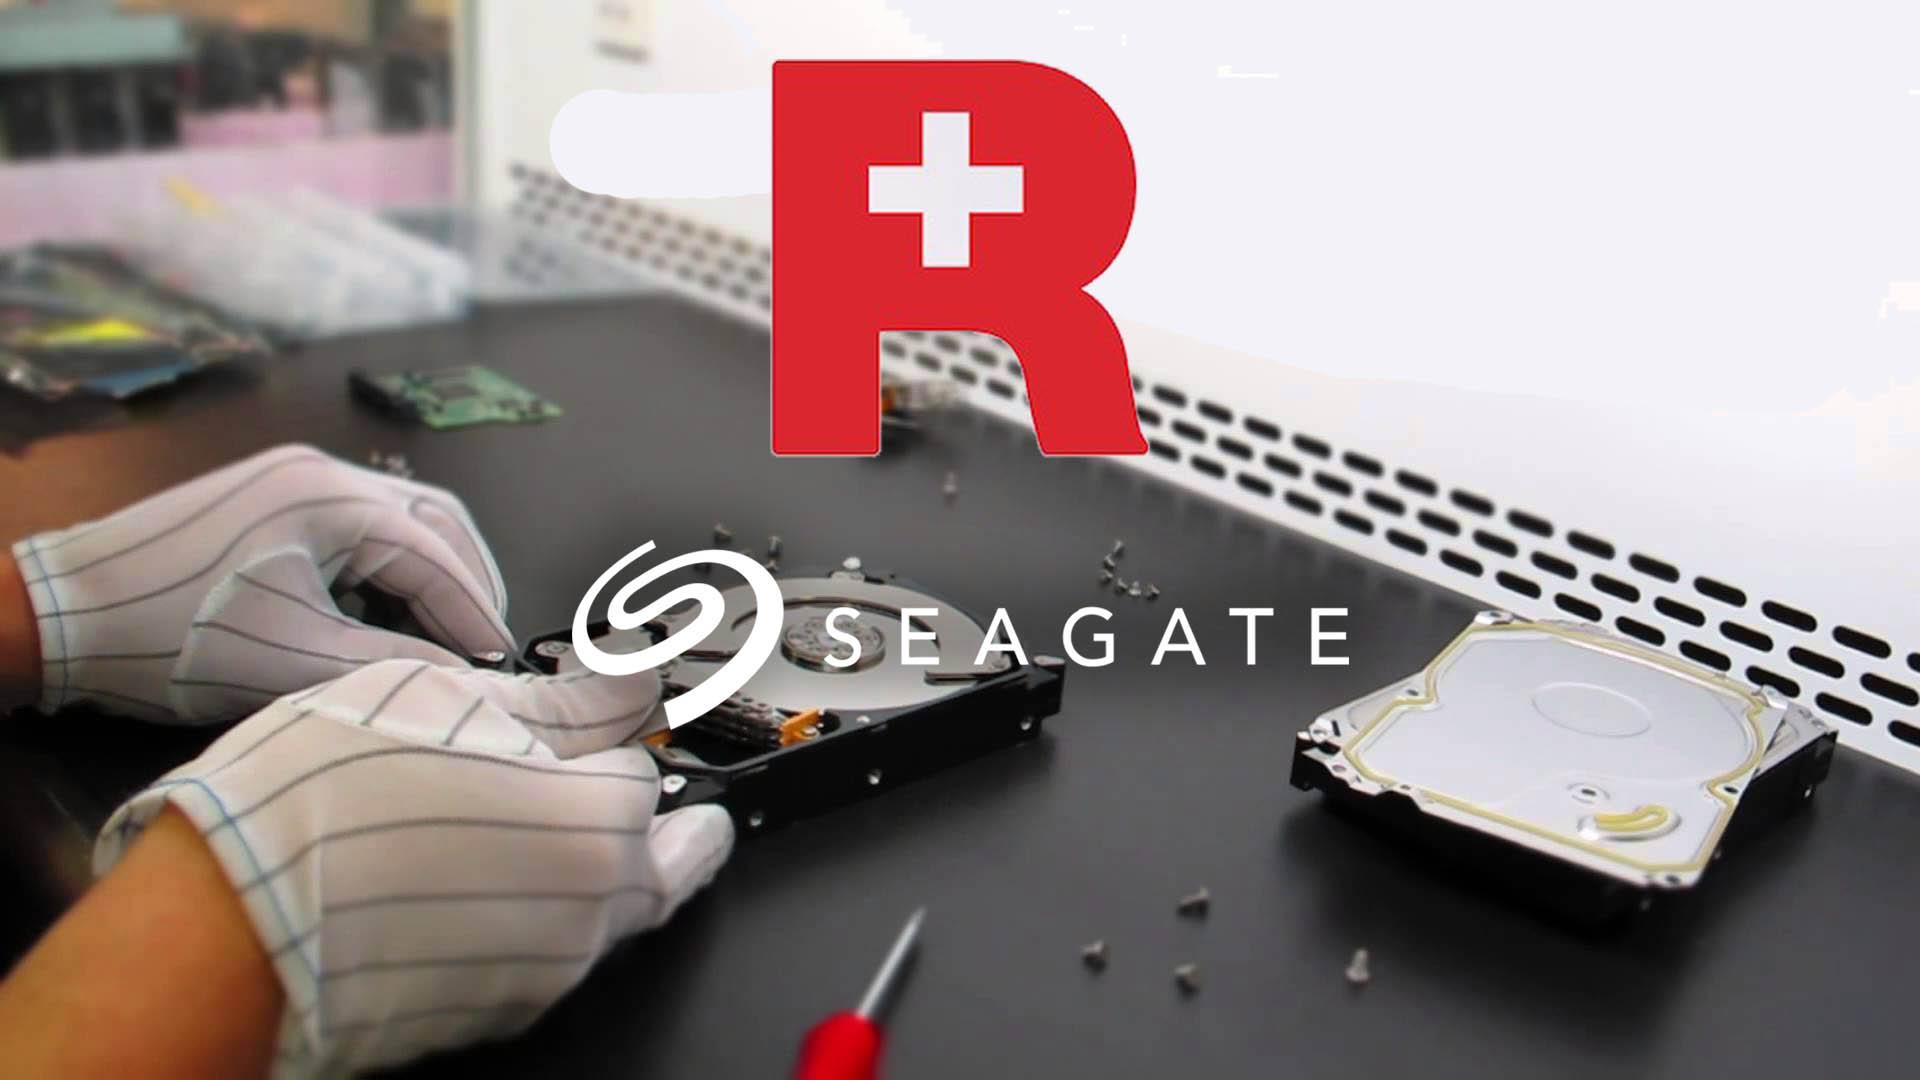 Seagate lança sistema de recuperação de dados no Brasil